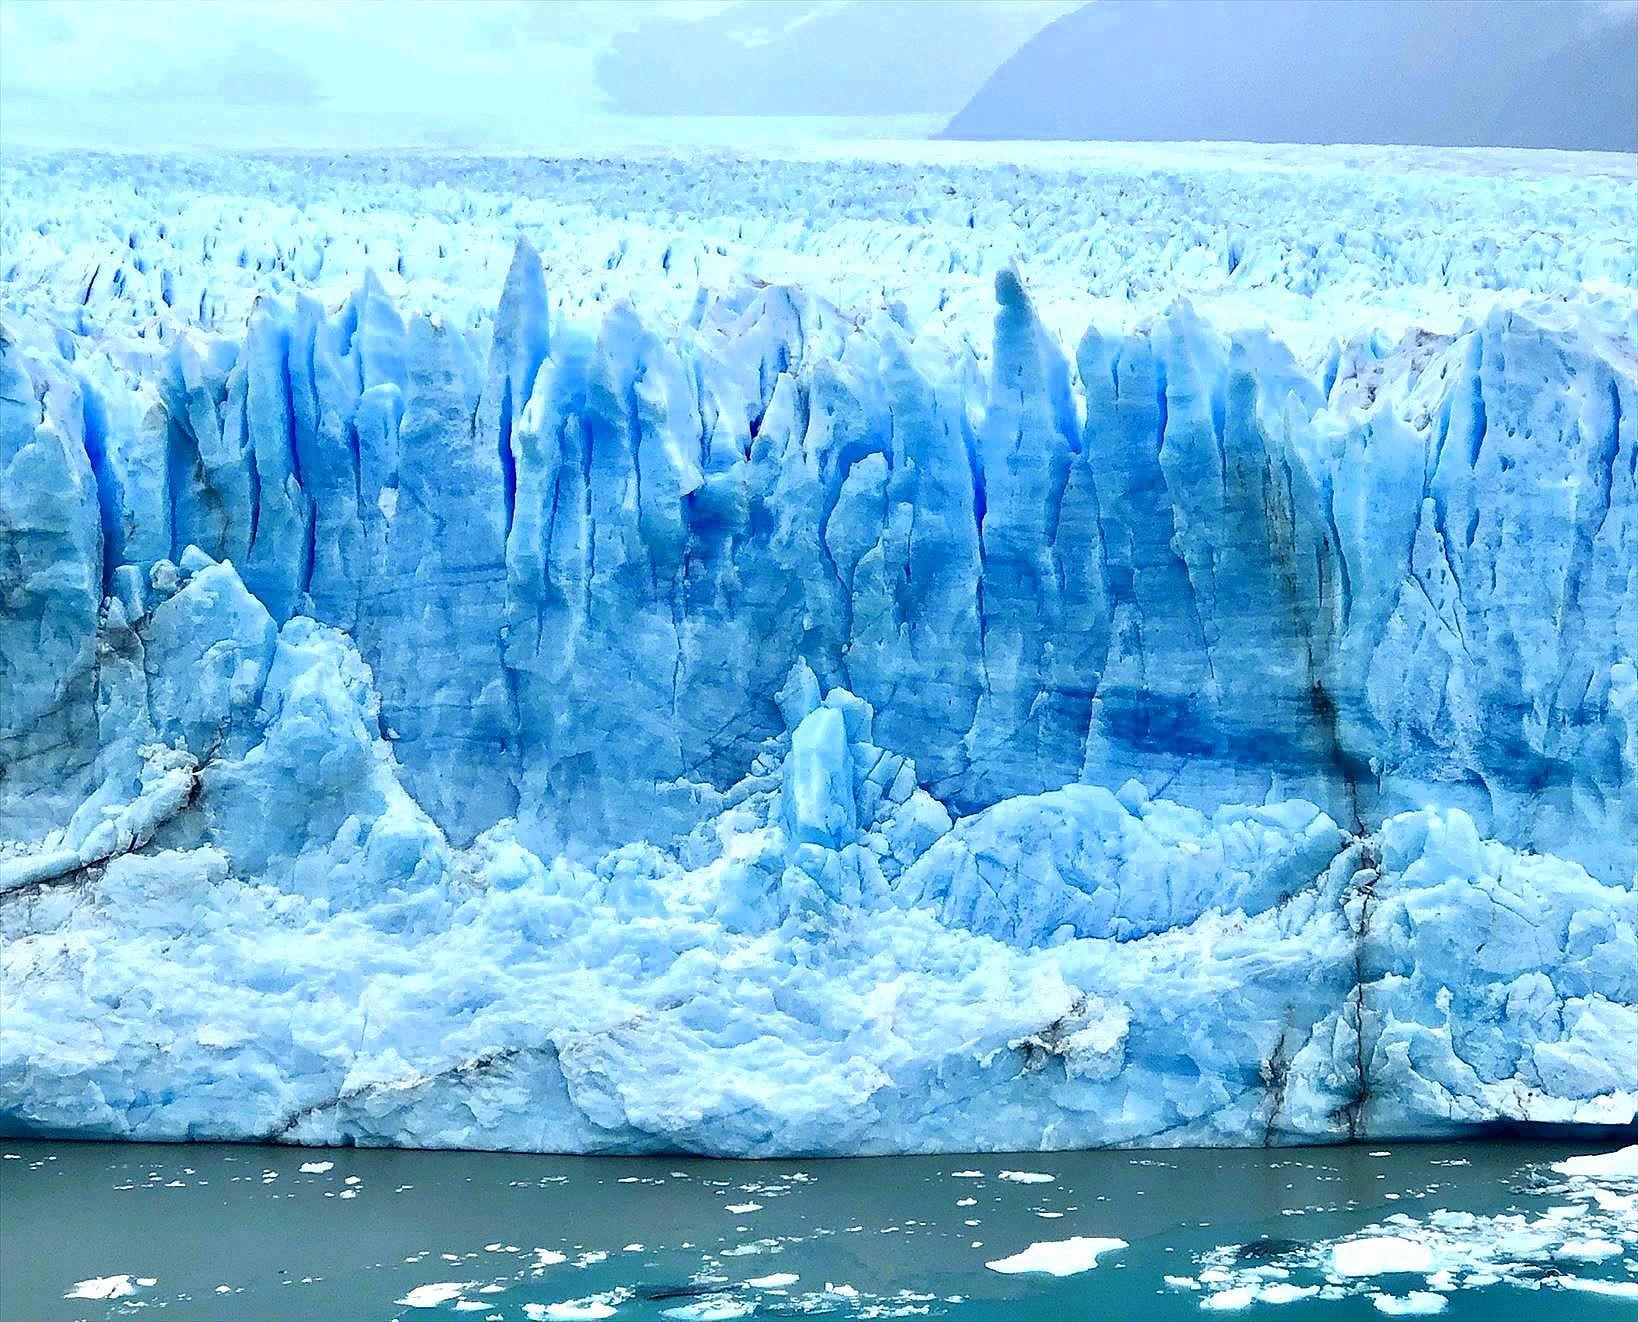 中南米の旅/36 ペリト・モレノ氷河@パタゴニア_a0092659_12080104.jpg